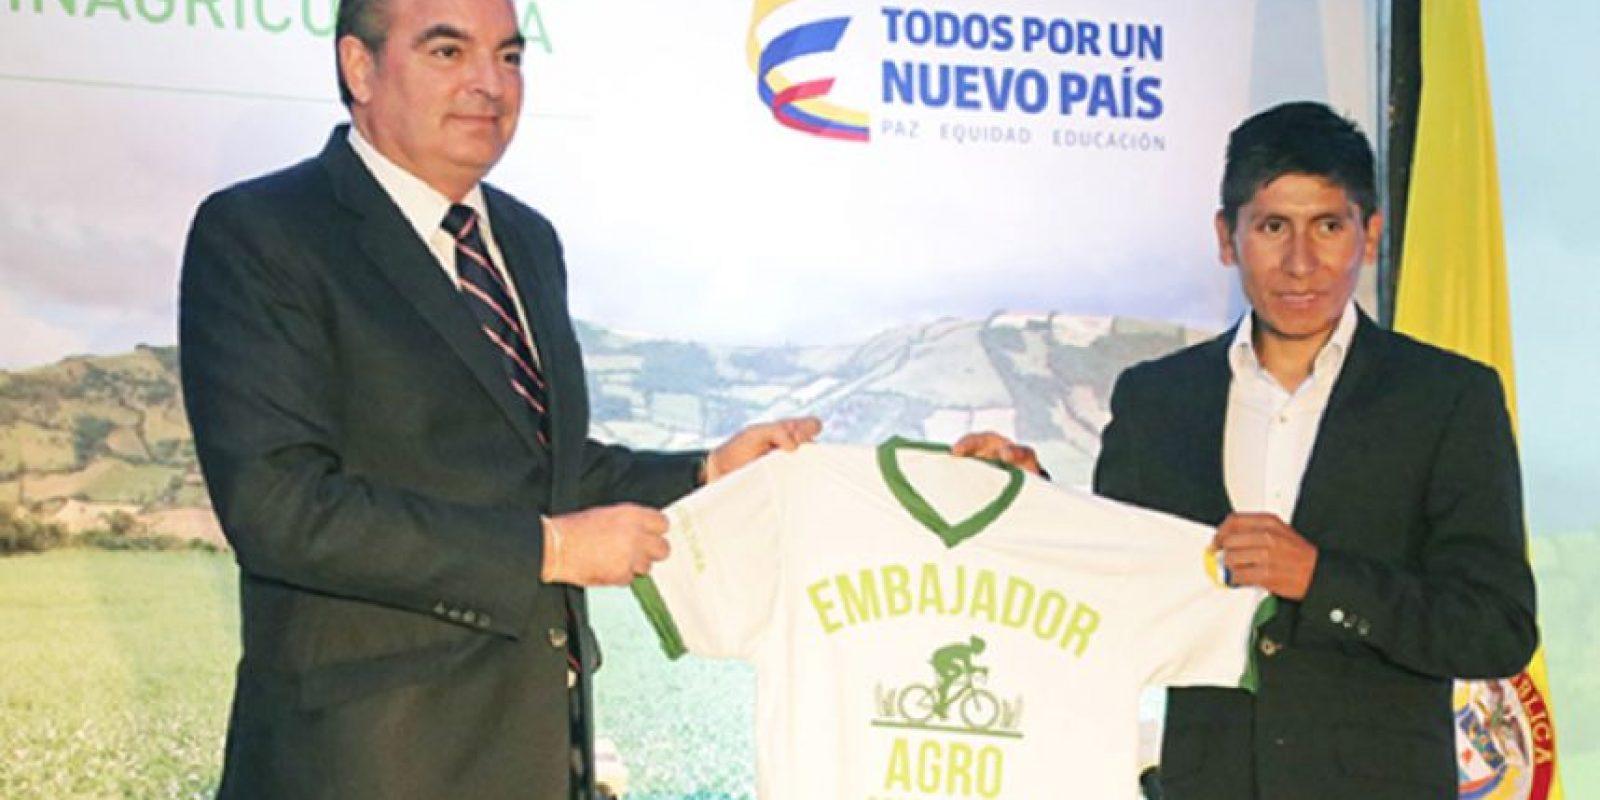 Foto:Cortesía Página del Ministerio de Agricultura